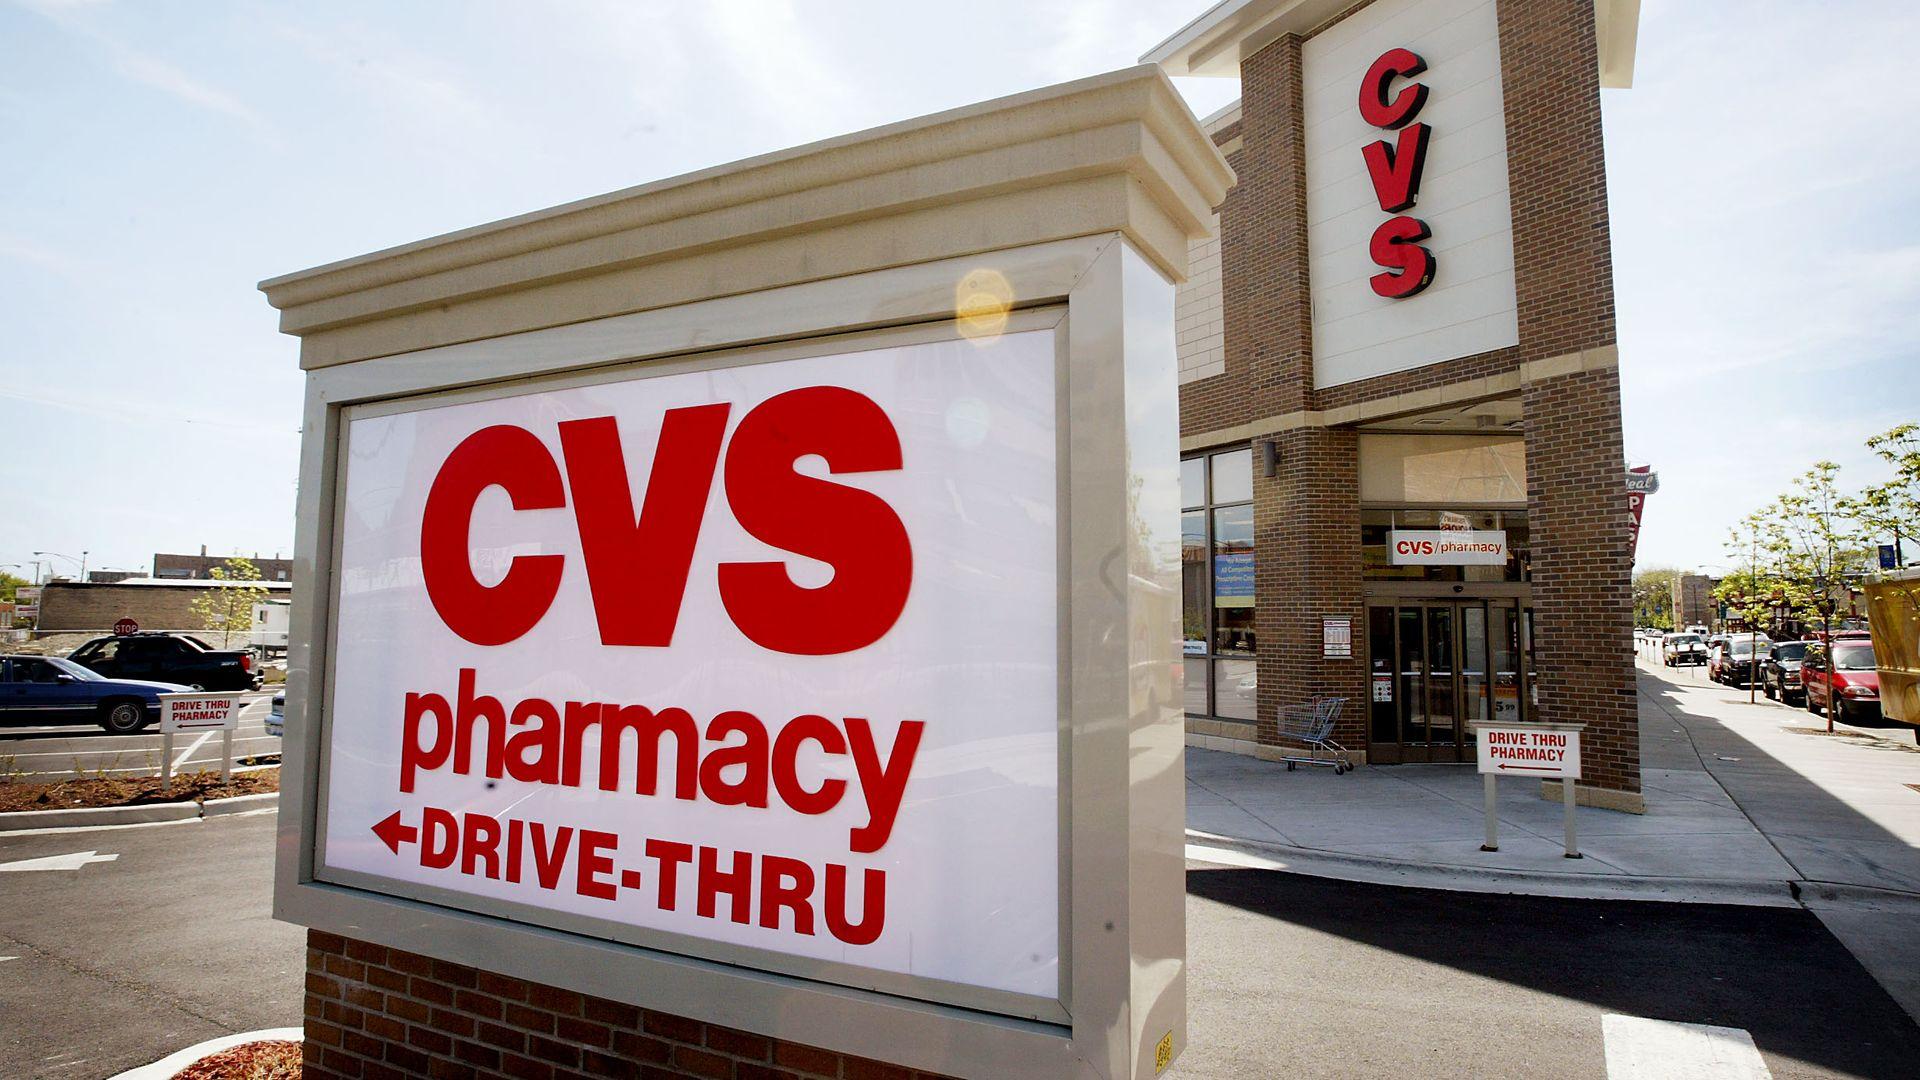 A CVS Pharmacy sign